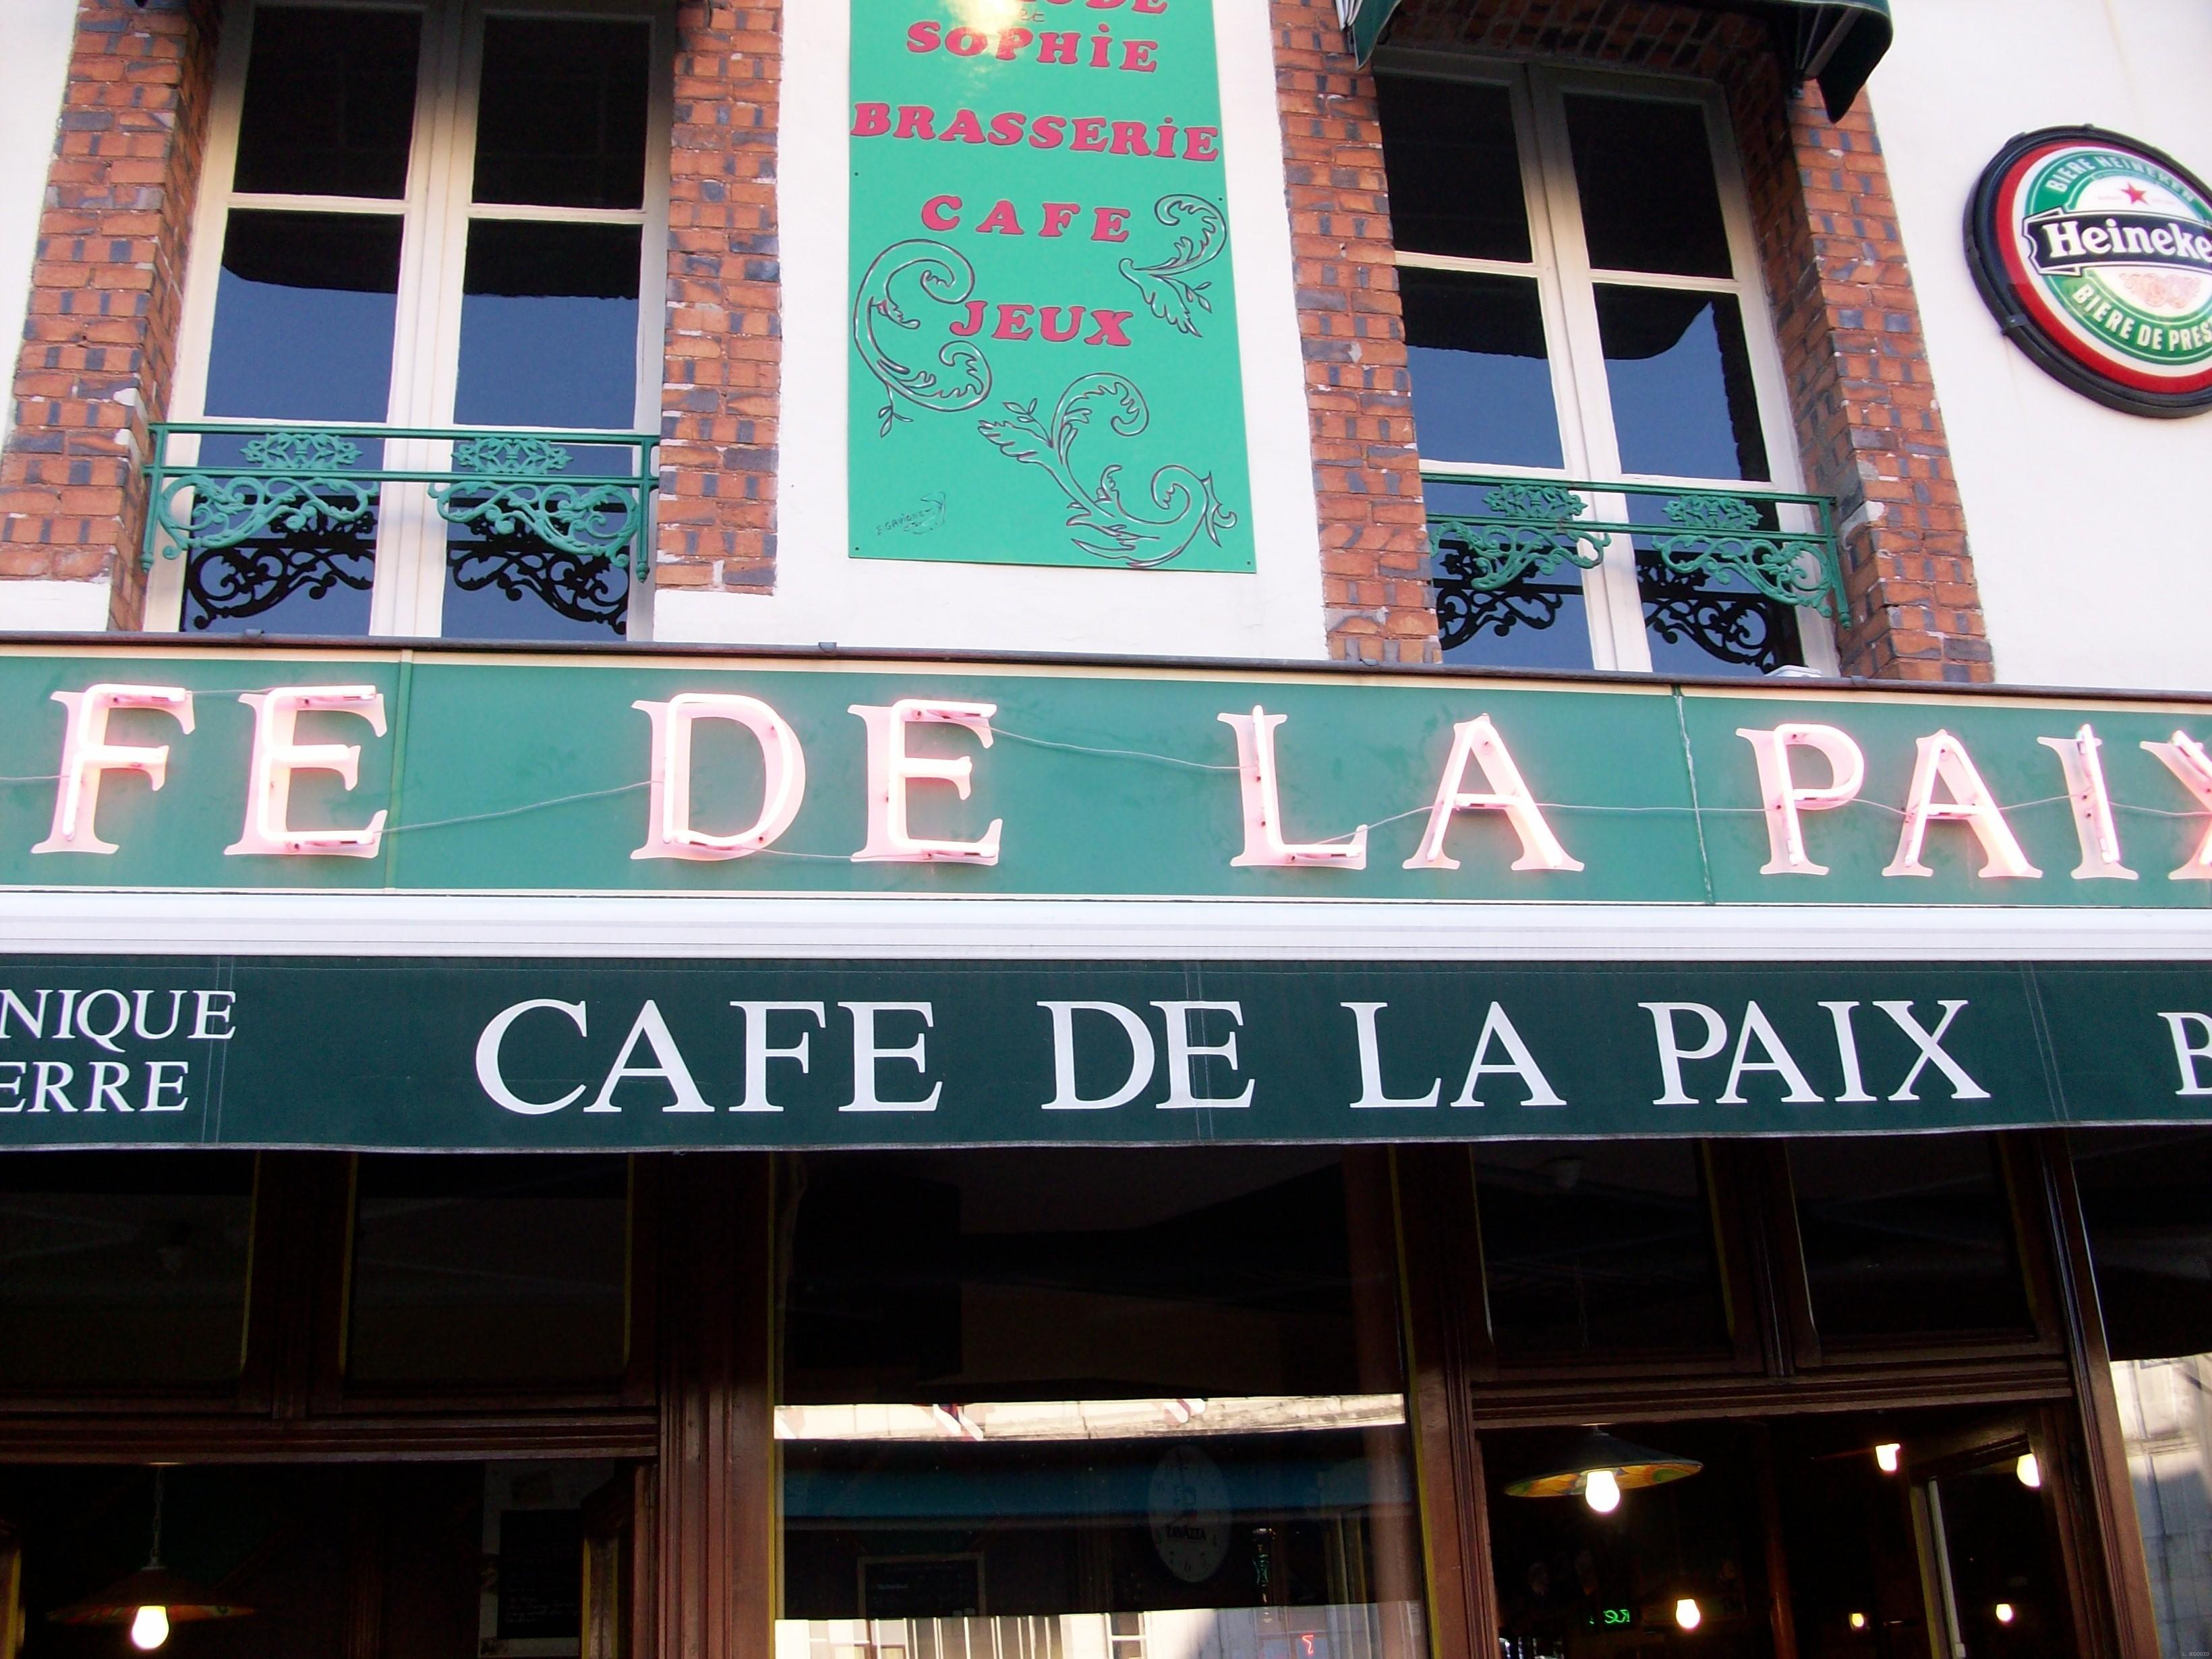 Cafe de la